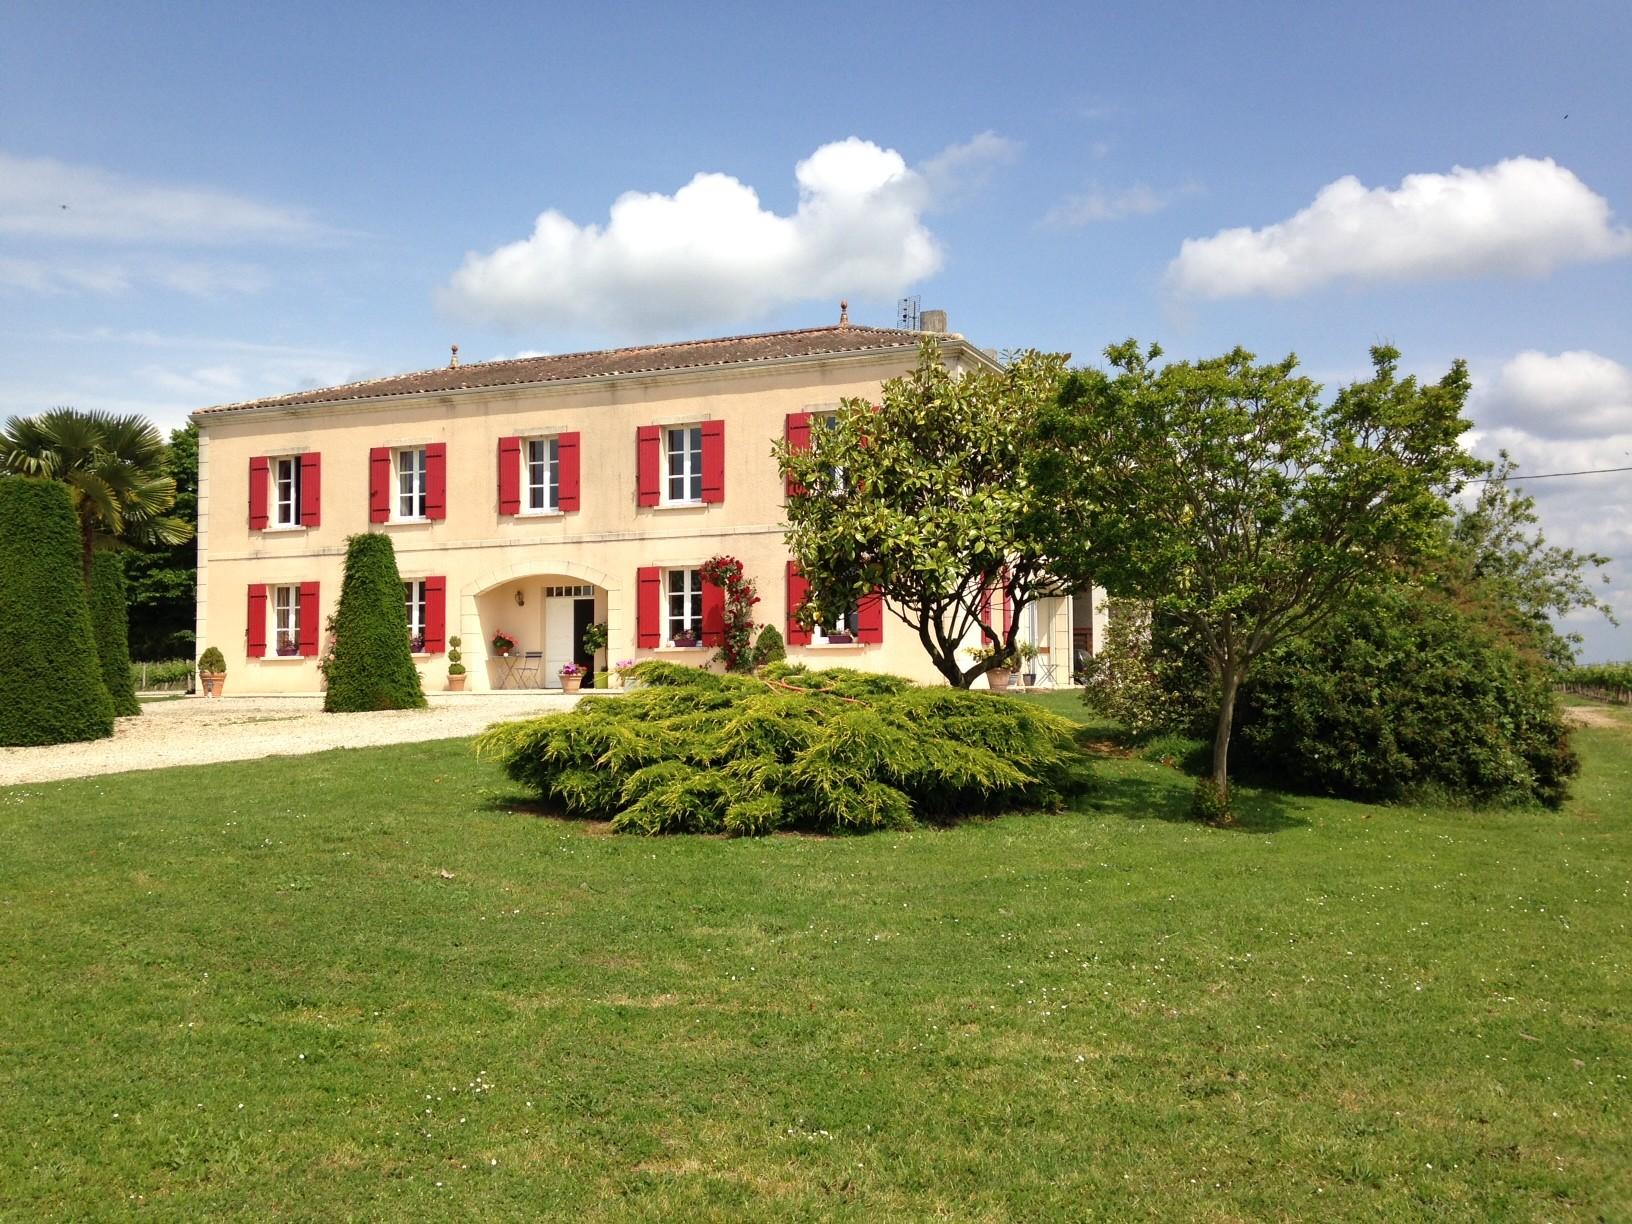 Château_Le_Camplat_CCLNG_Vignobles_Saint Mariens